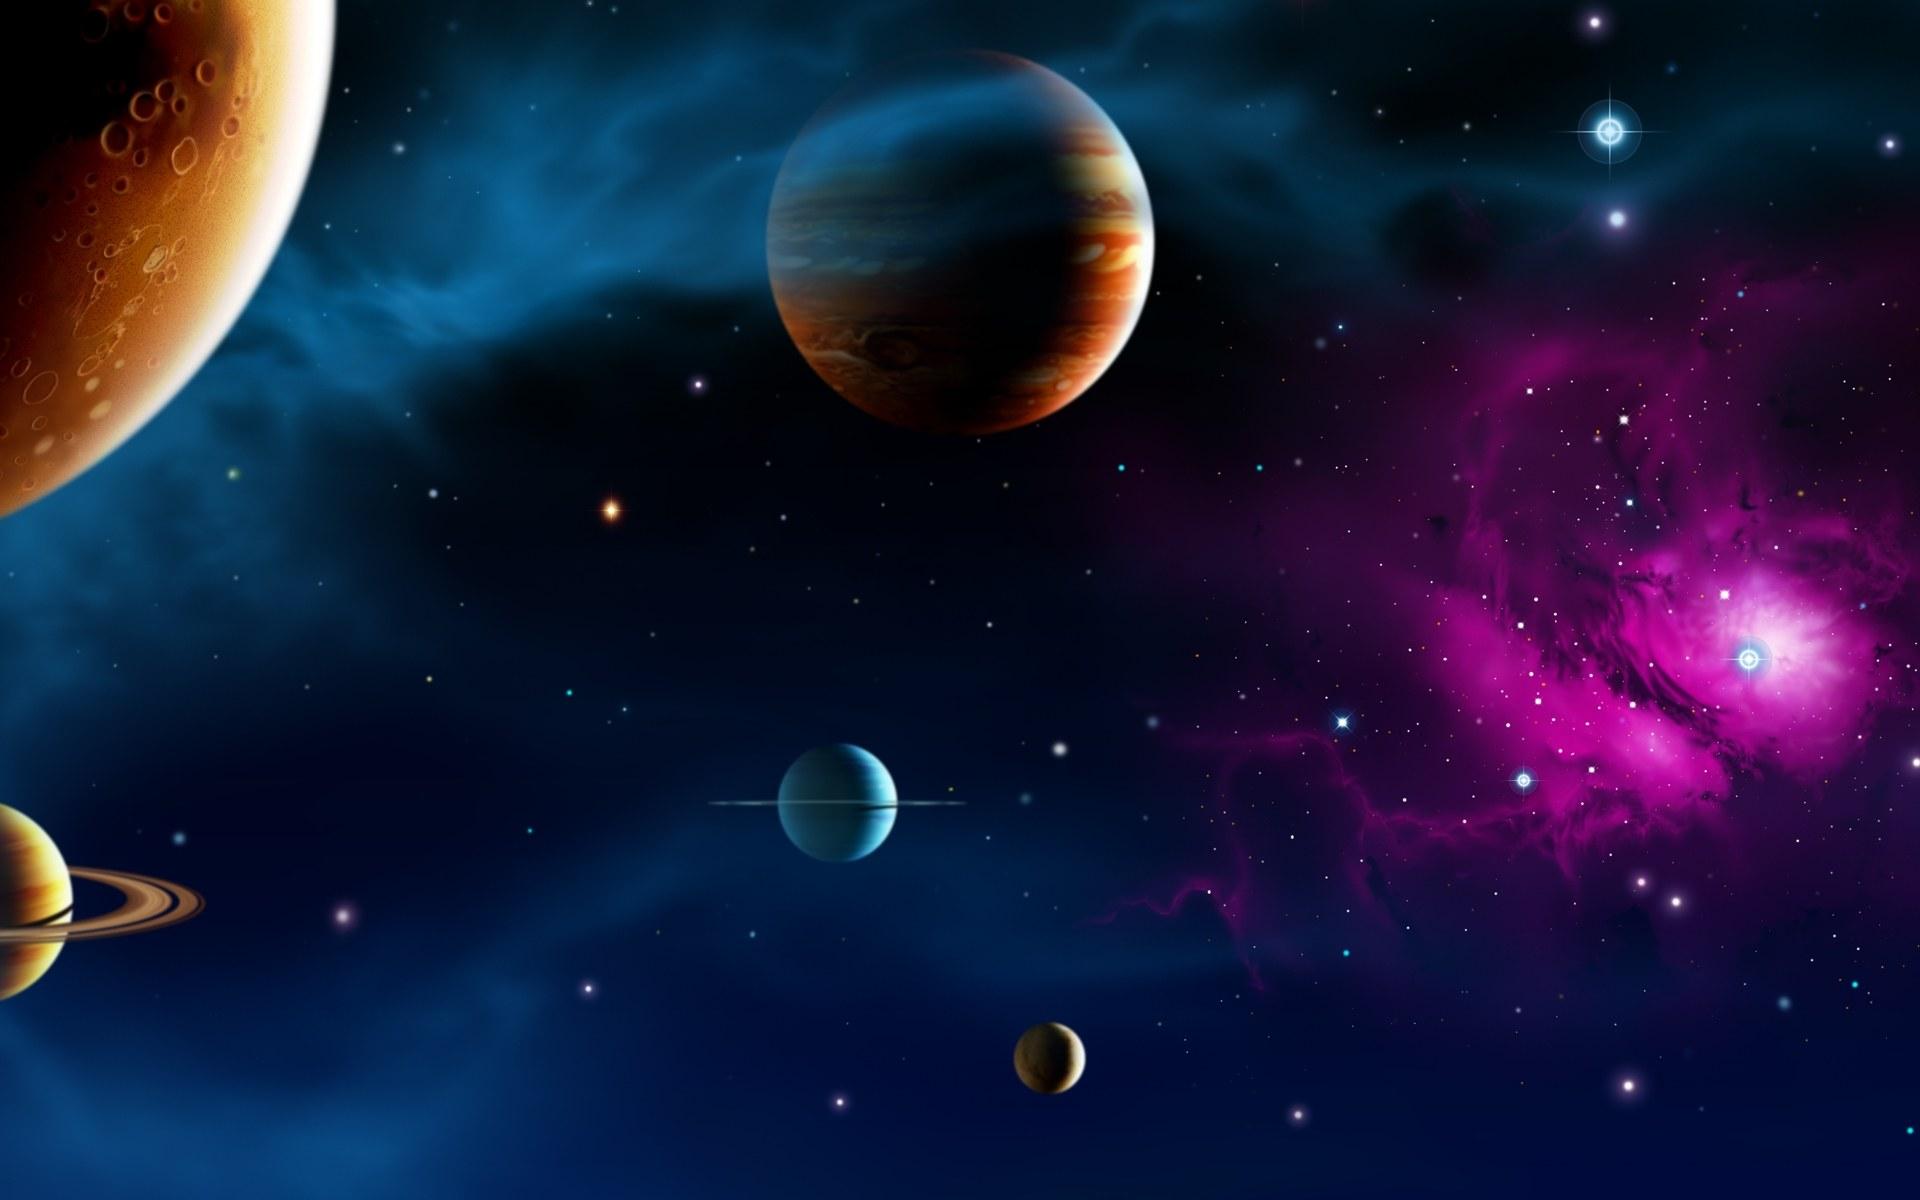 【【共享壁纸】 小清新 宇宙 二次元 奇景 简洁 (联想